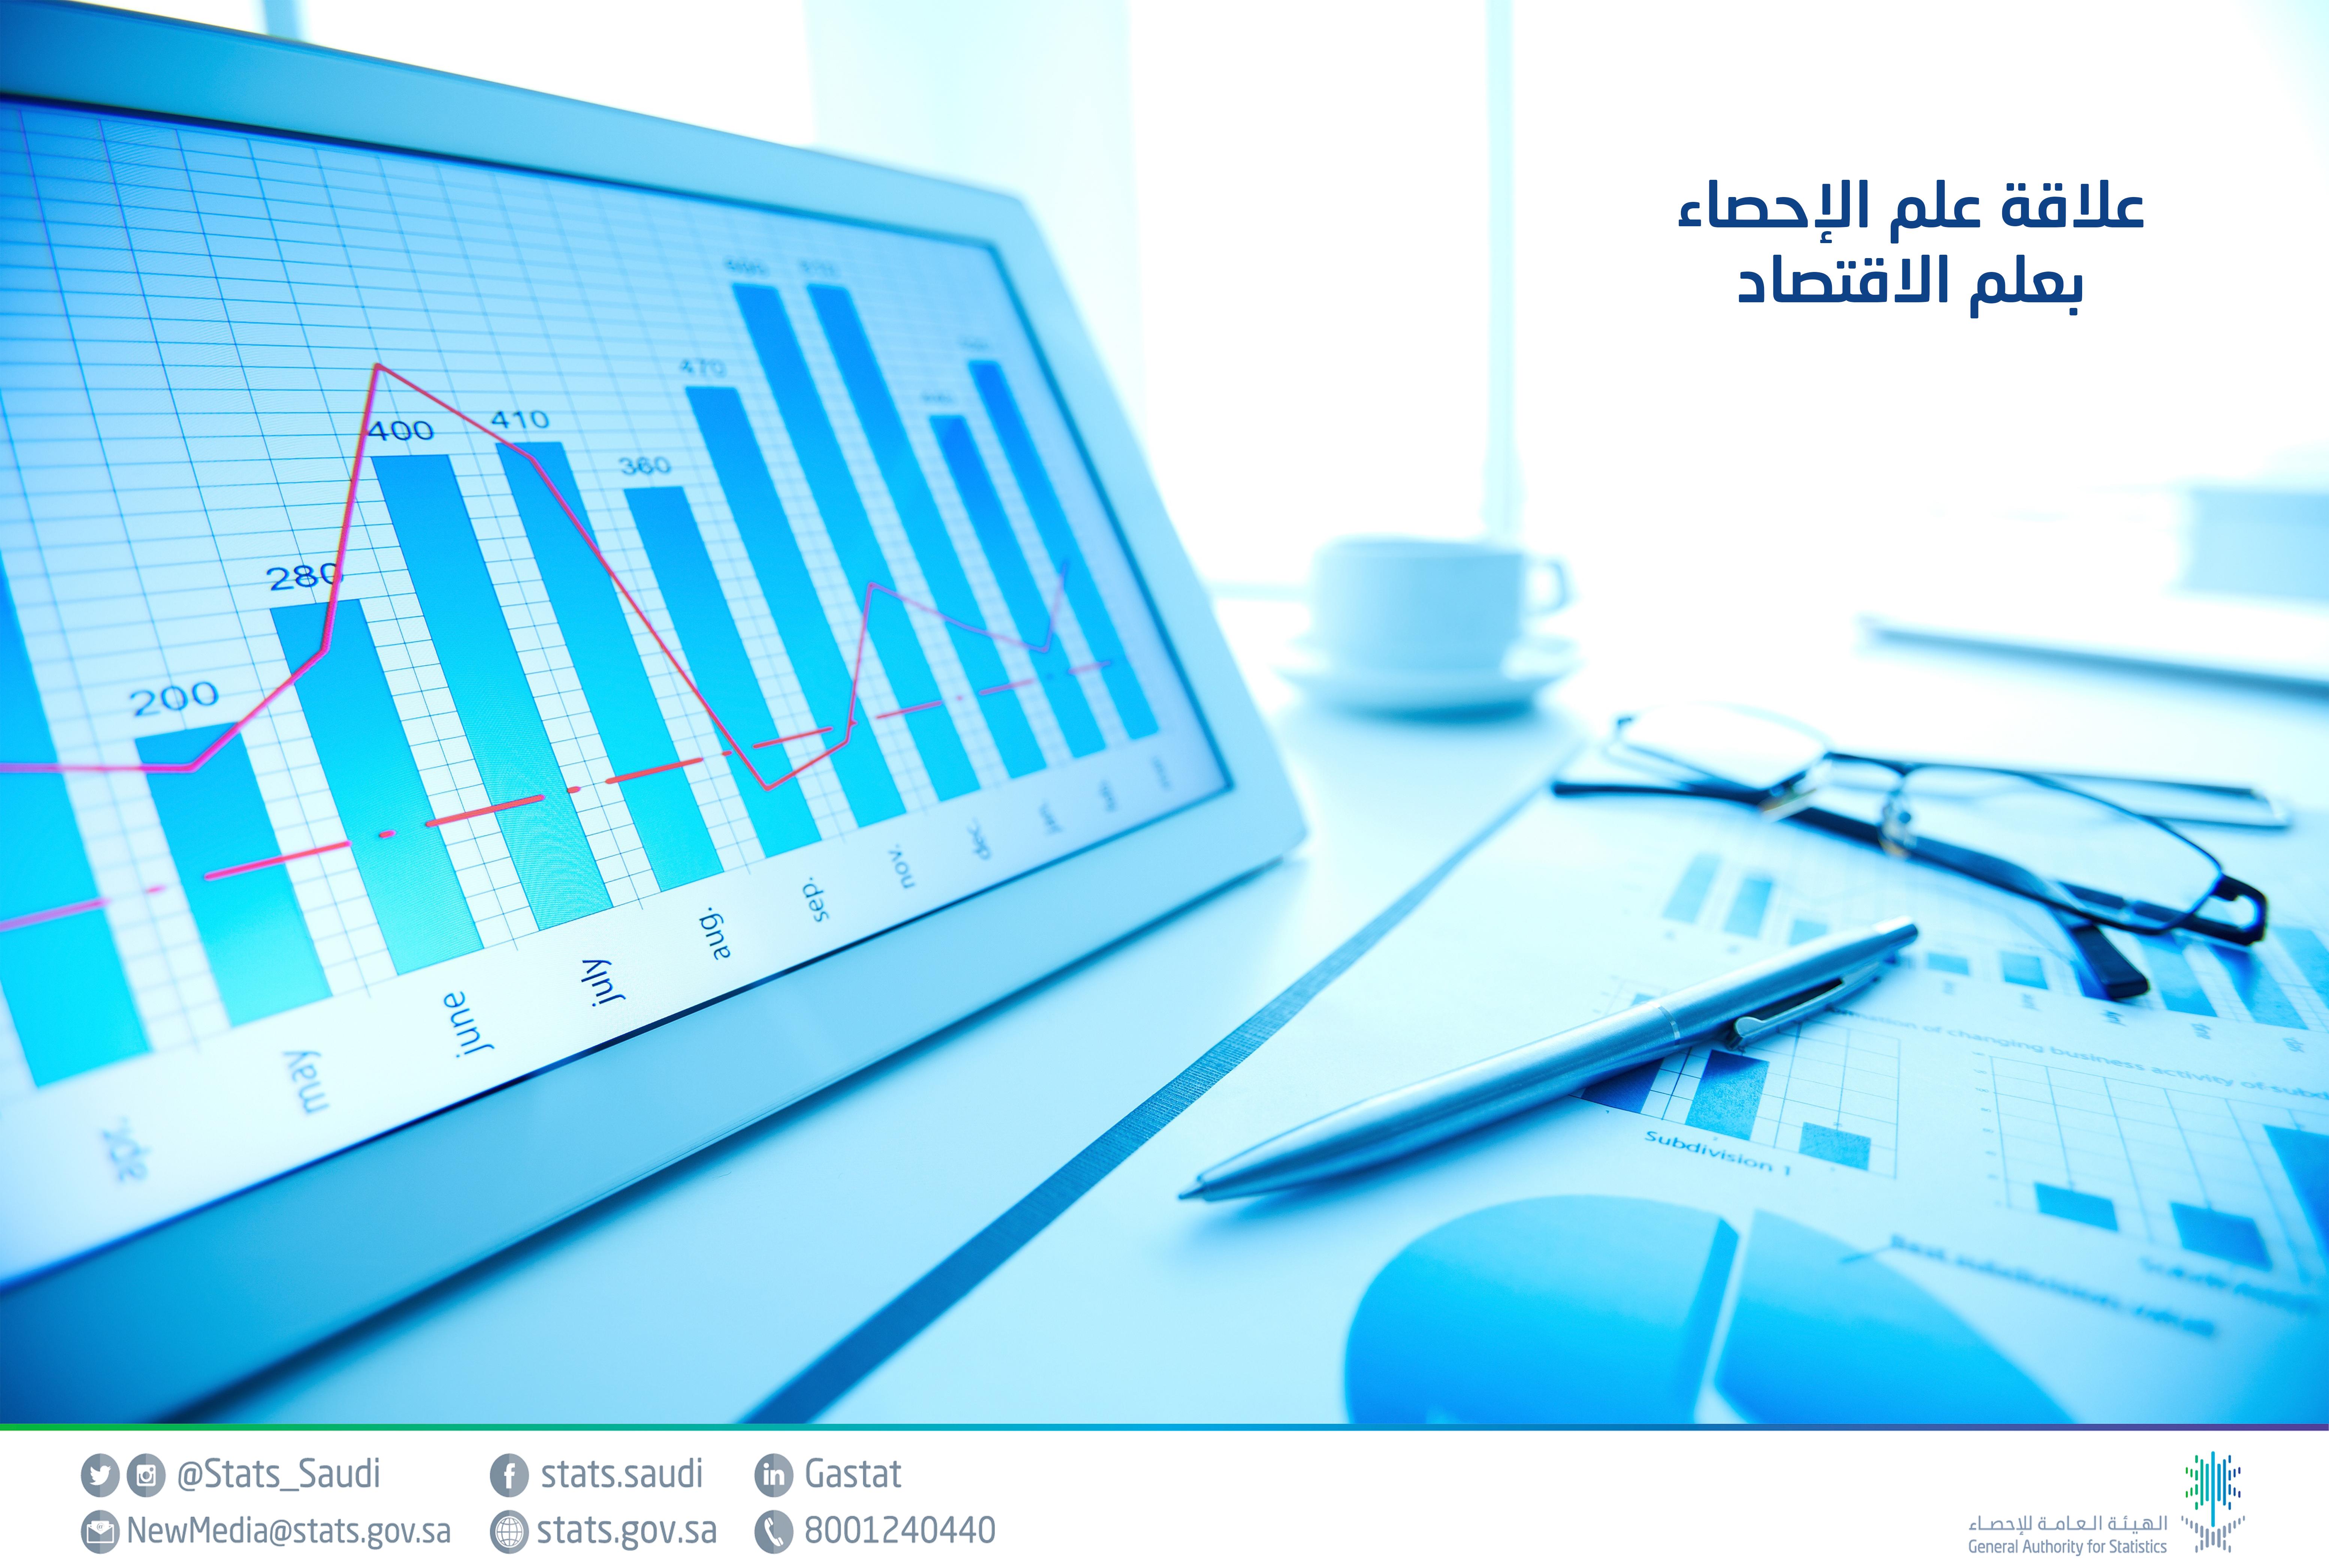 علاقة علم الإحصاء بعلم الاقتصاد الهيئة العامة للإحصاء